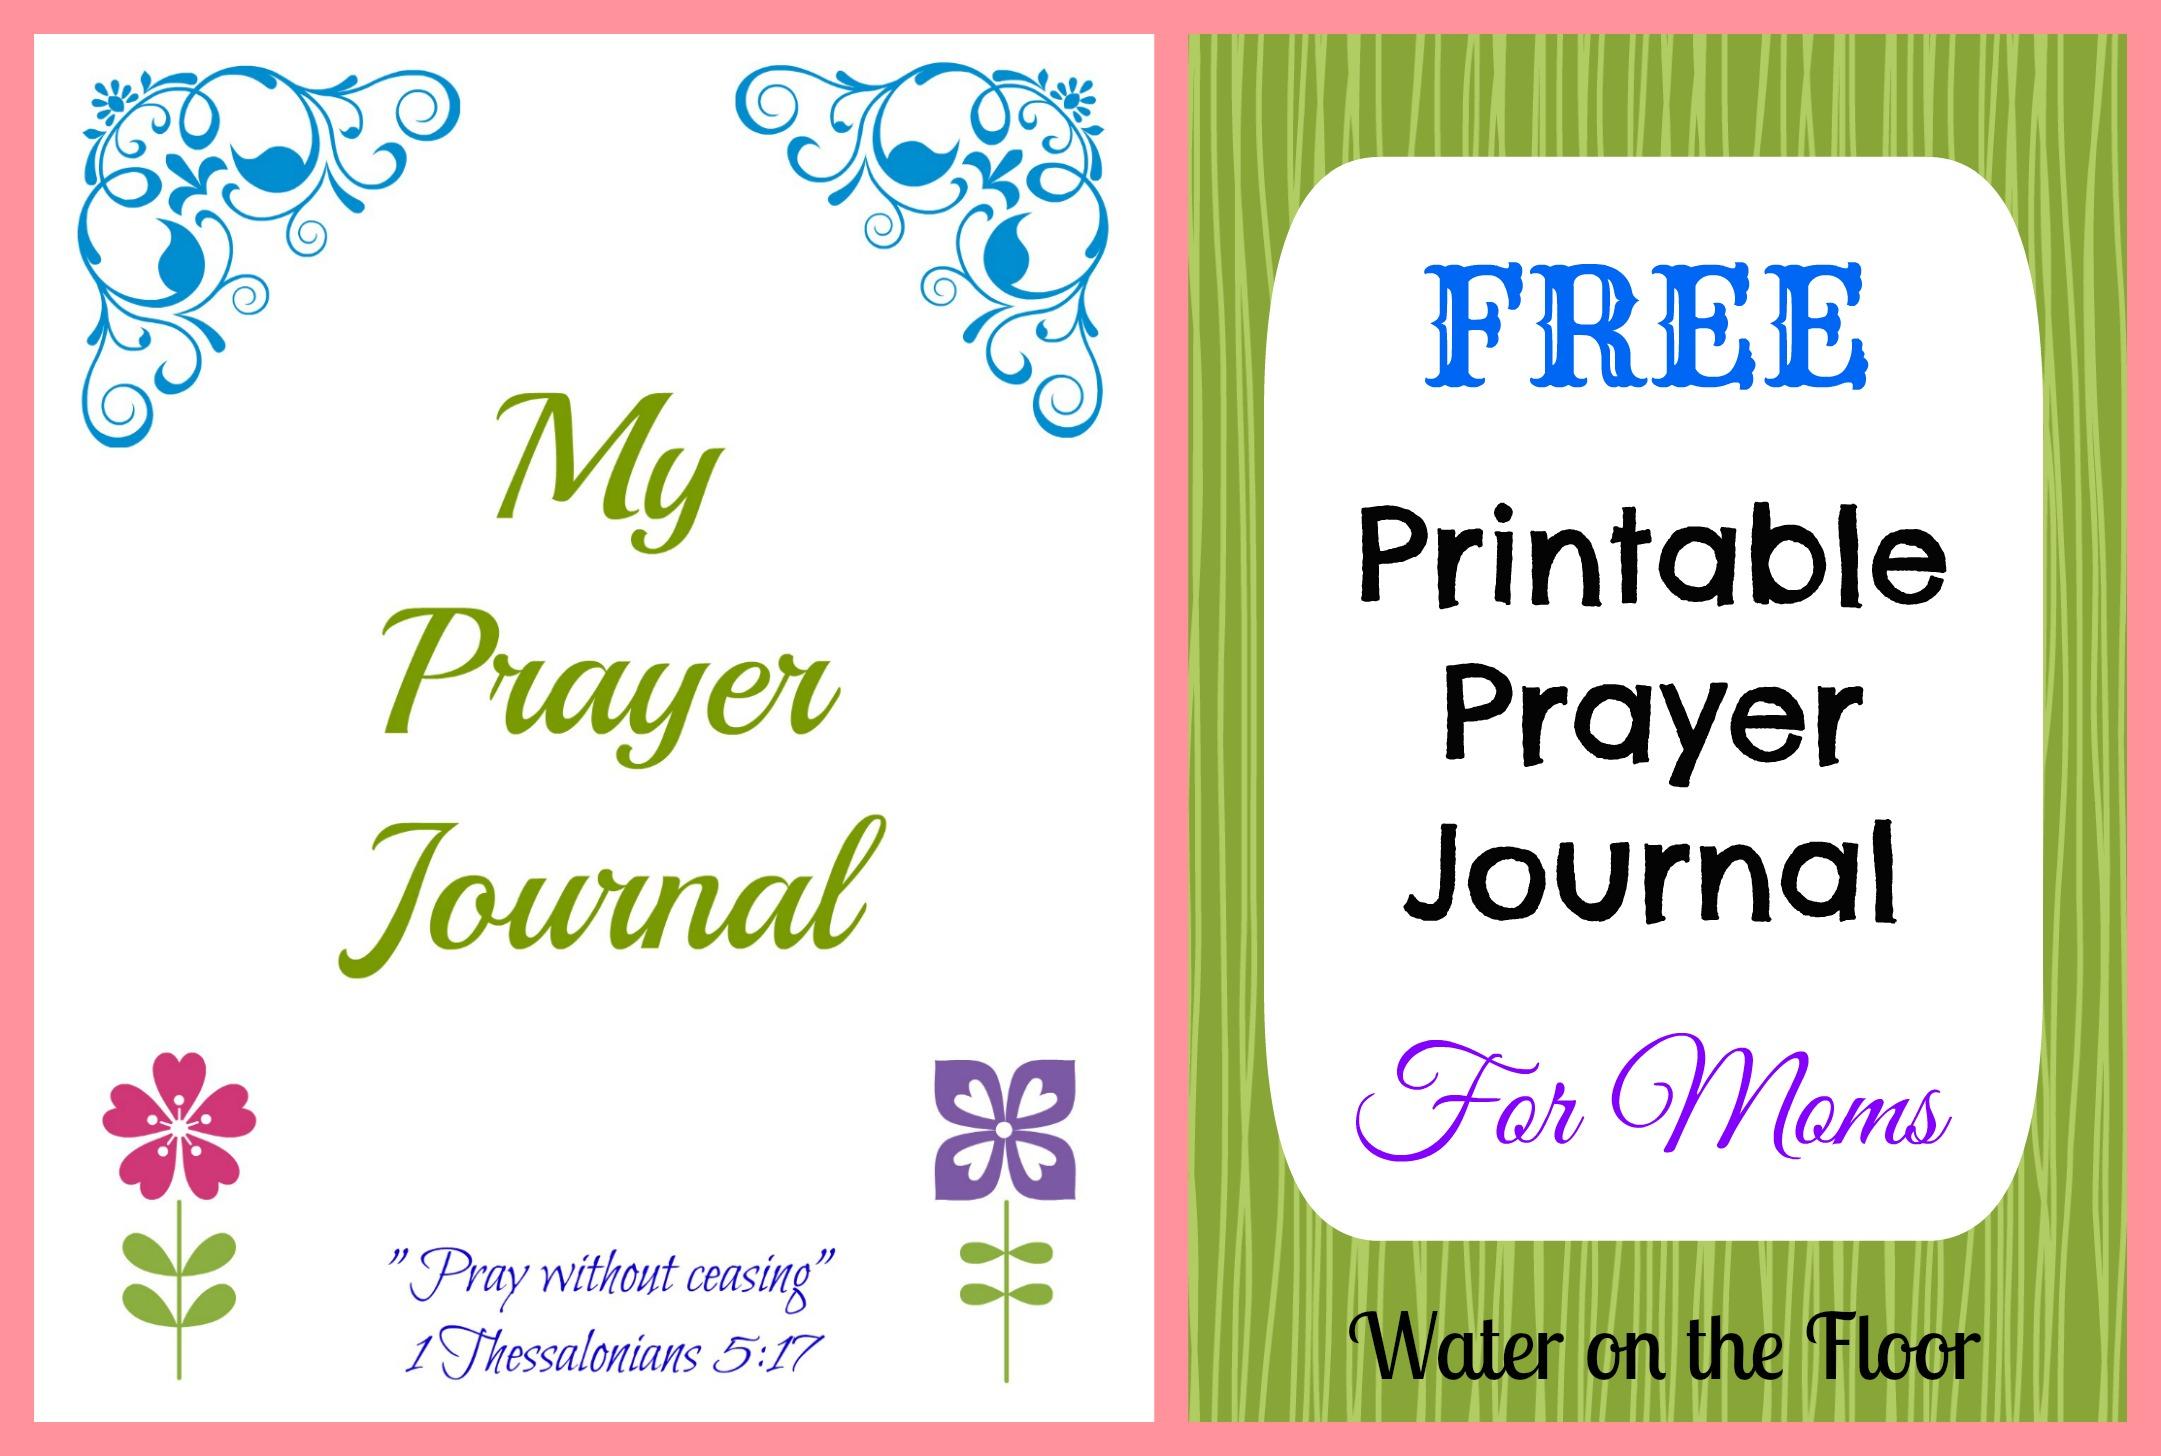 Free Printable Prayer Journal For Moms